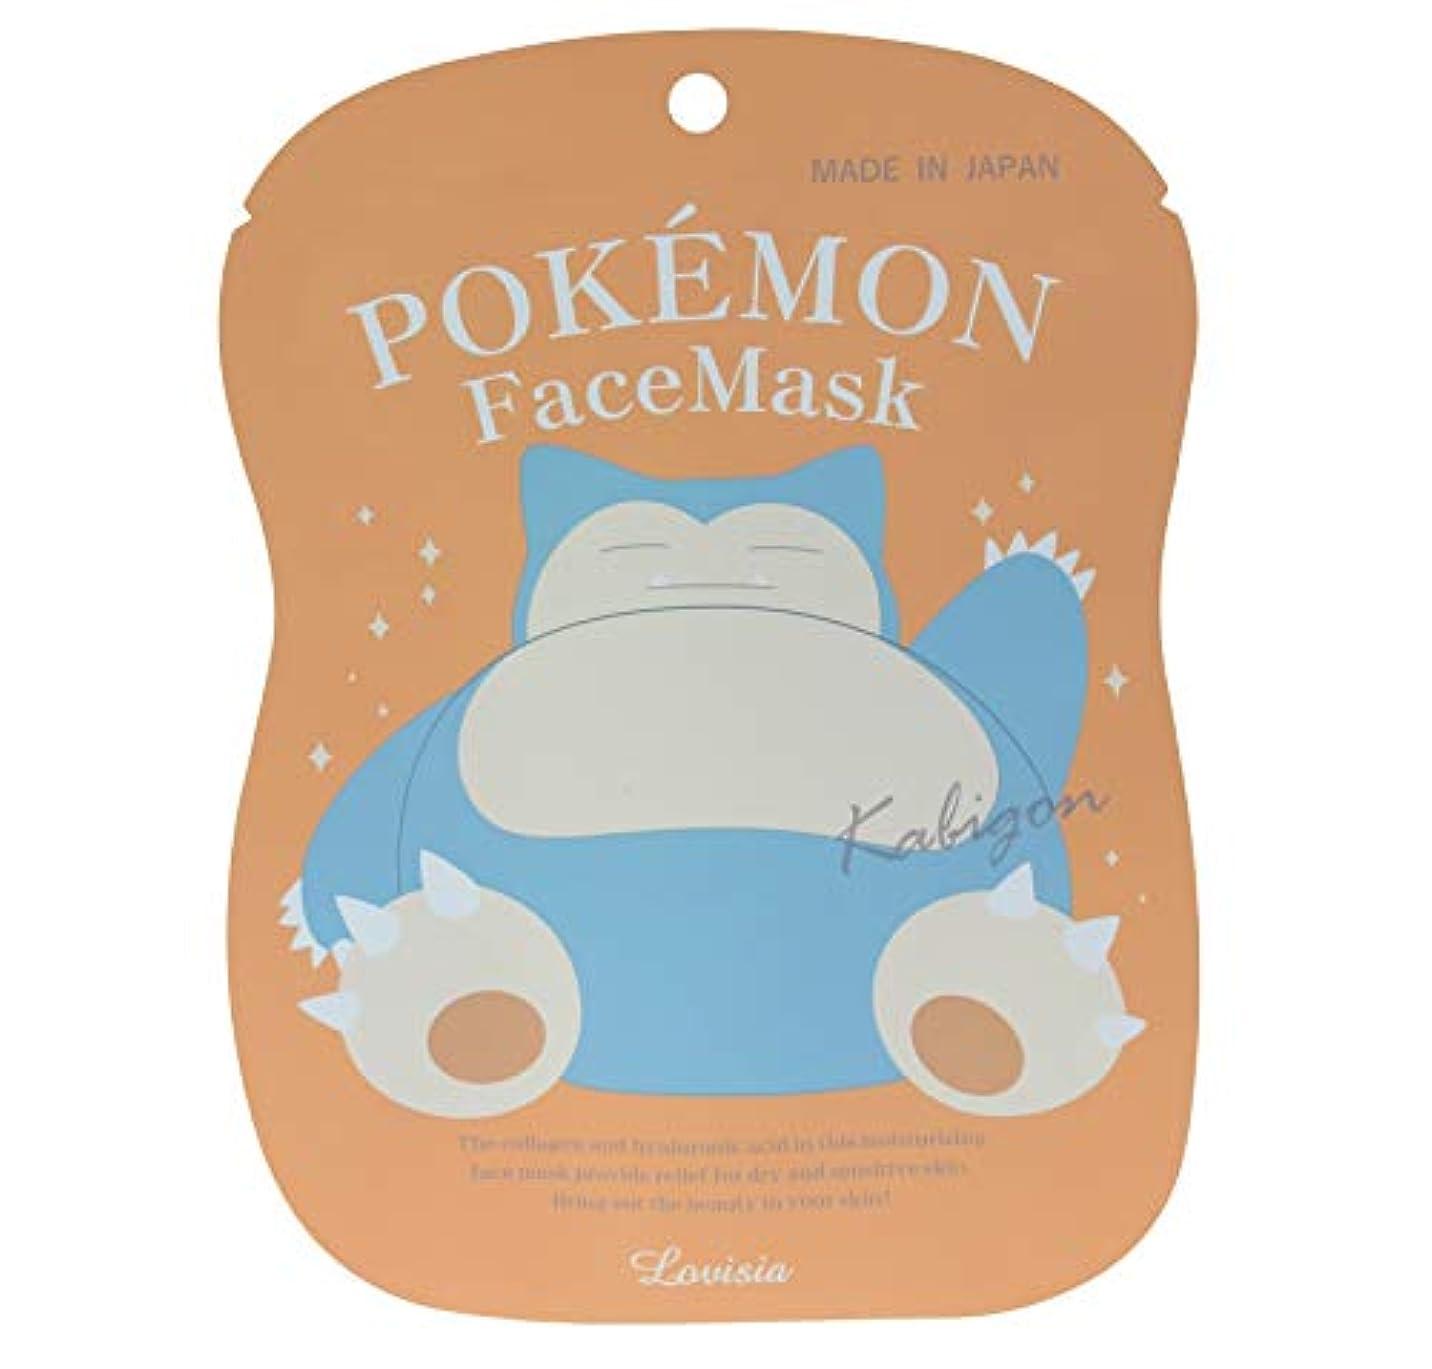 霧くぼみ柔らかさポケモンフェイスマスク カビゴン 1枚